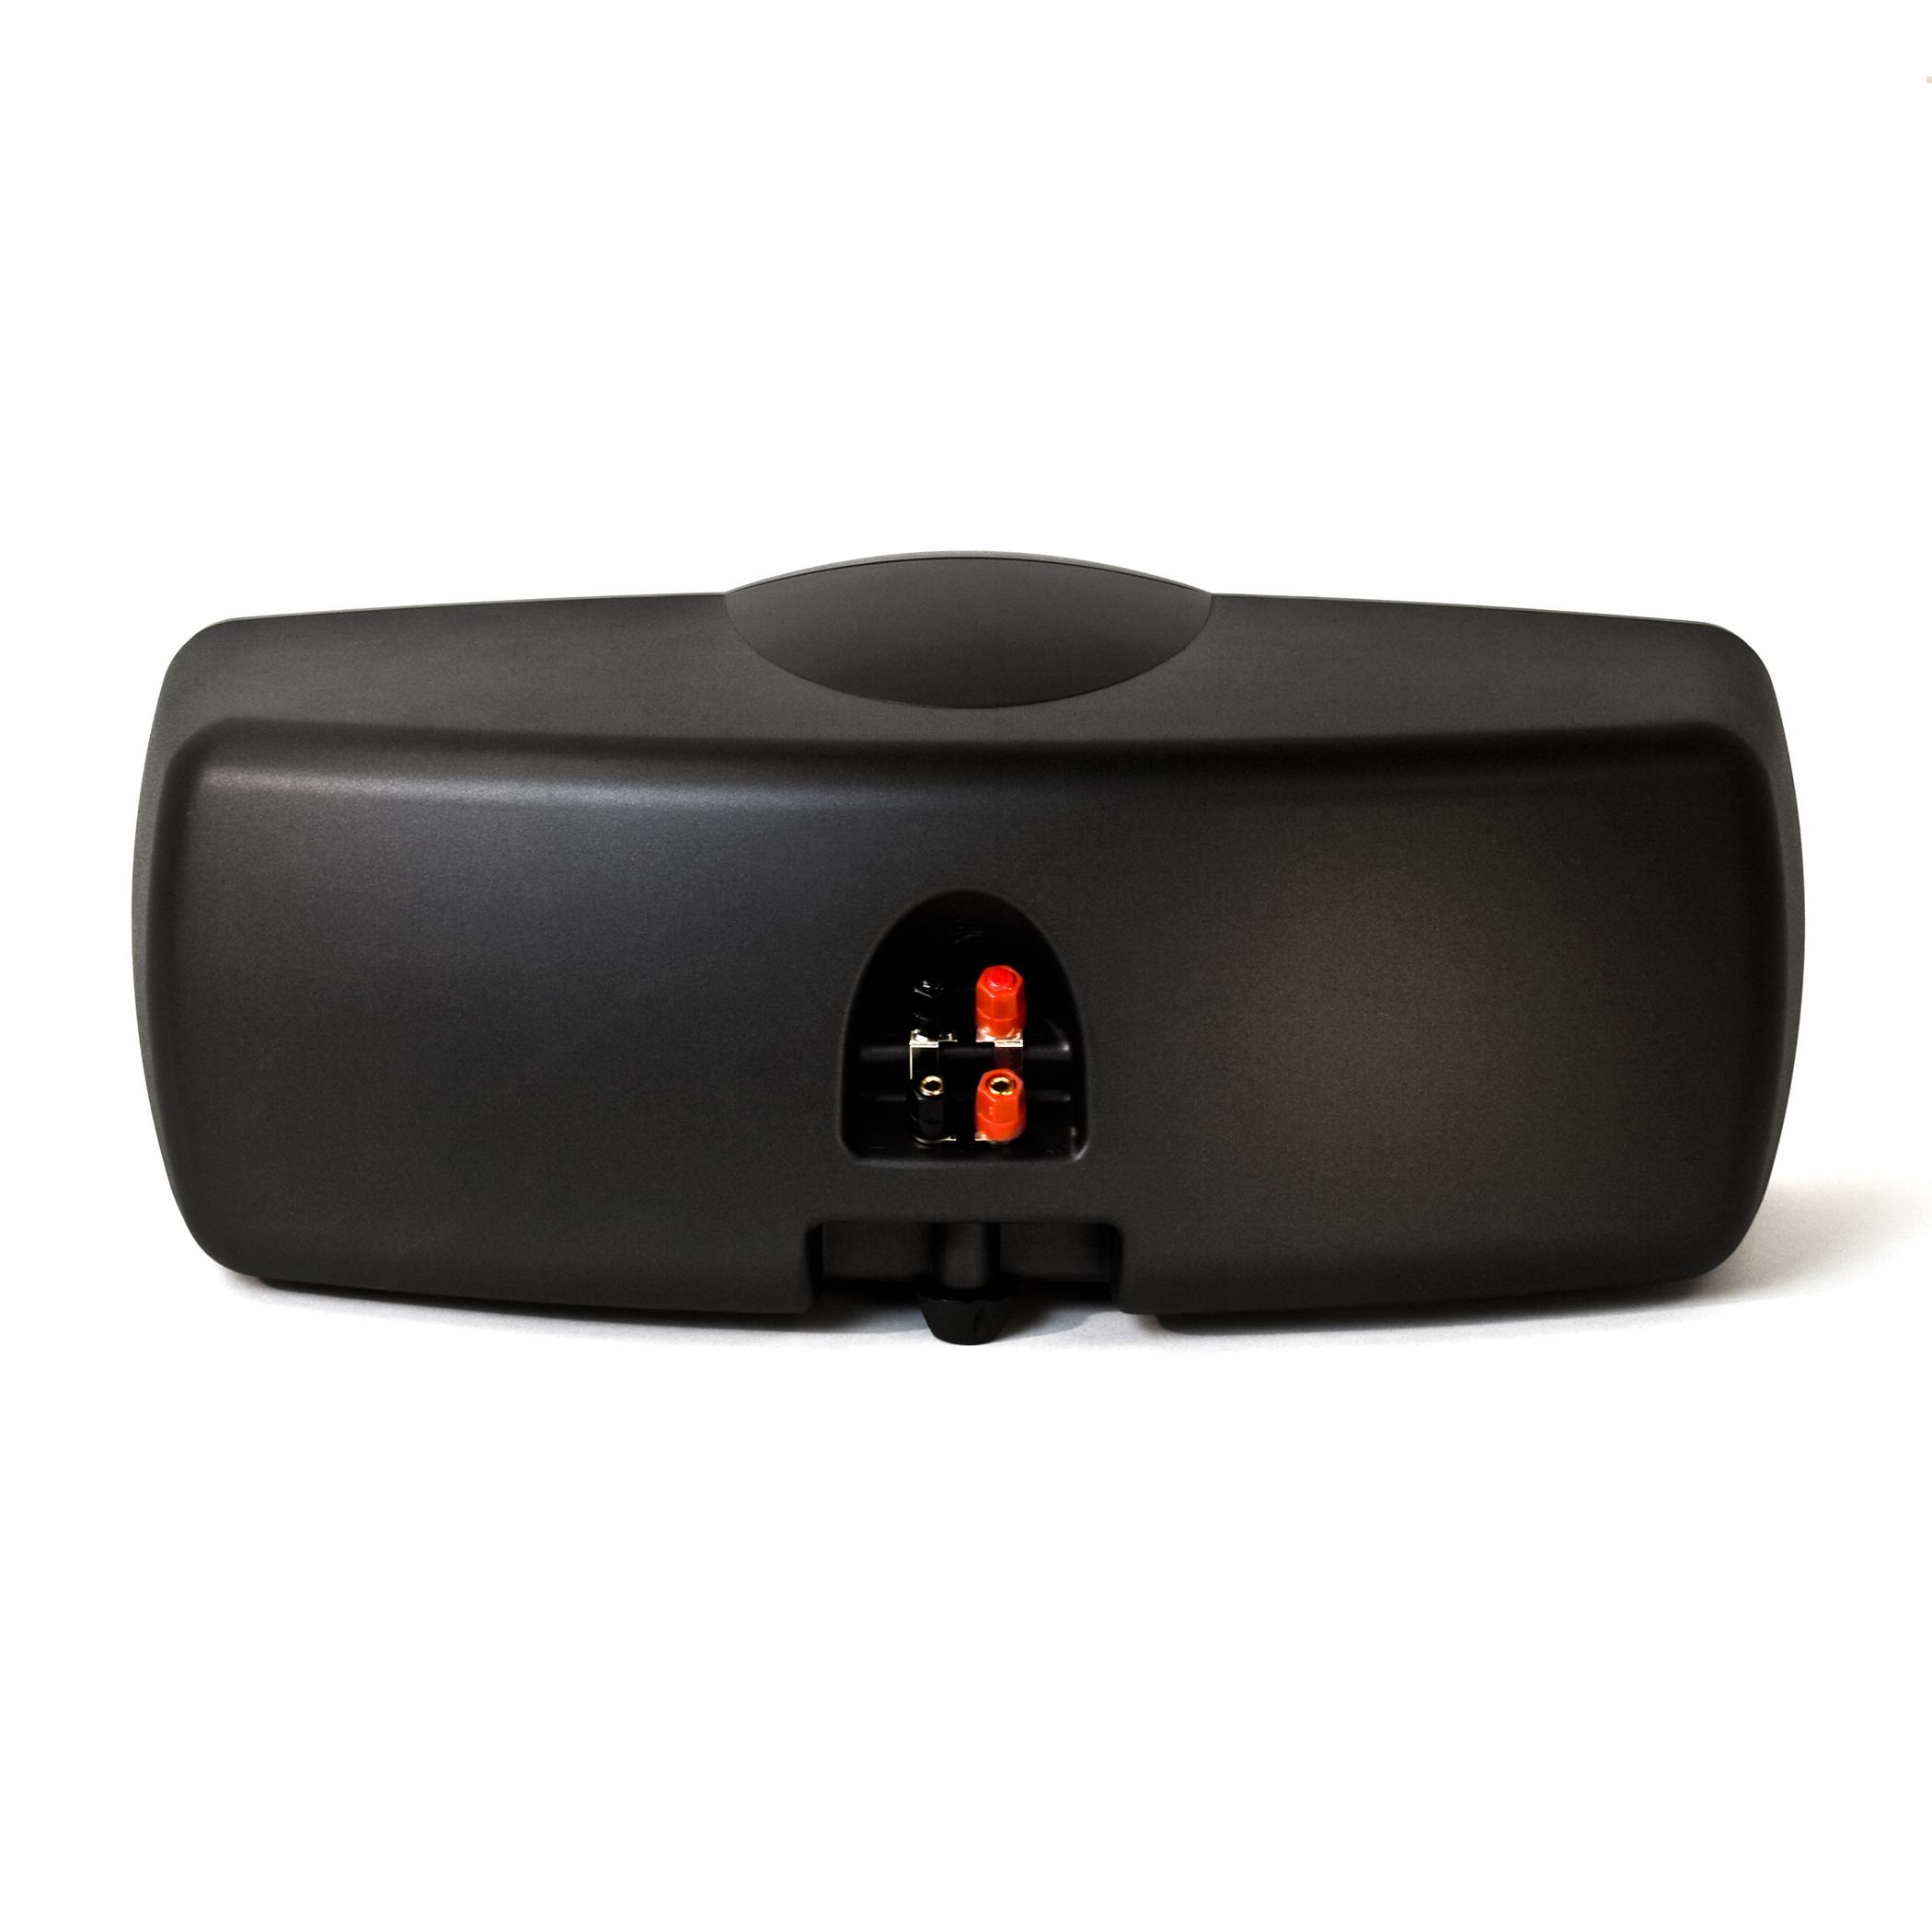 C 20 Center Speaker Klipsch Wiring Diagrams Features